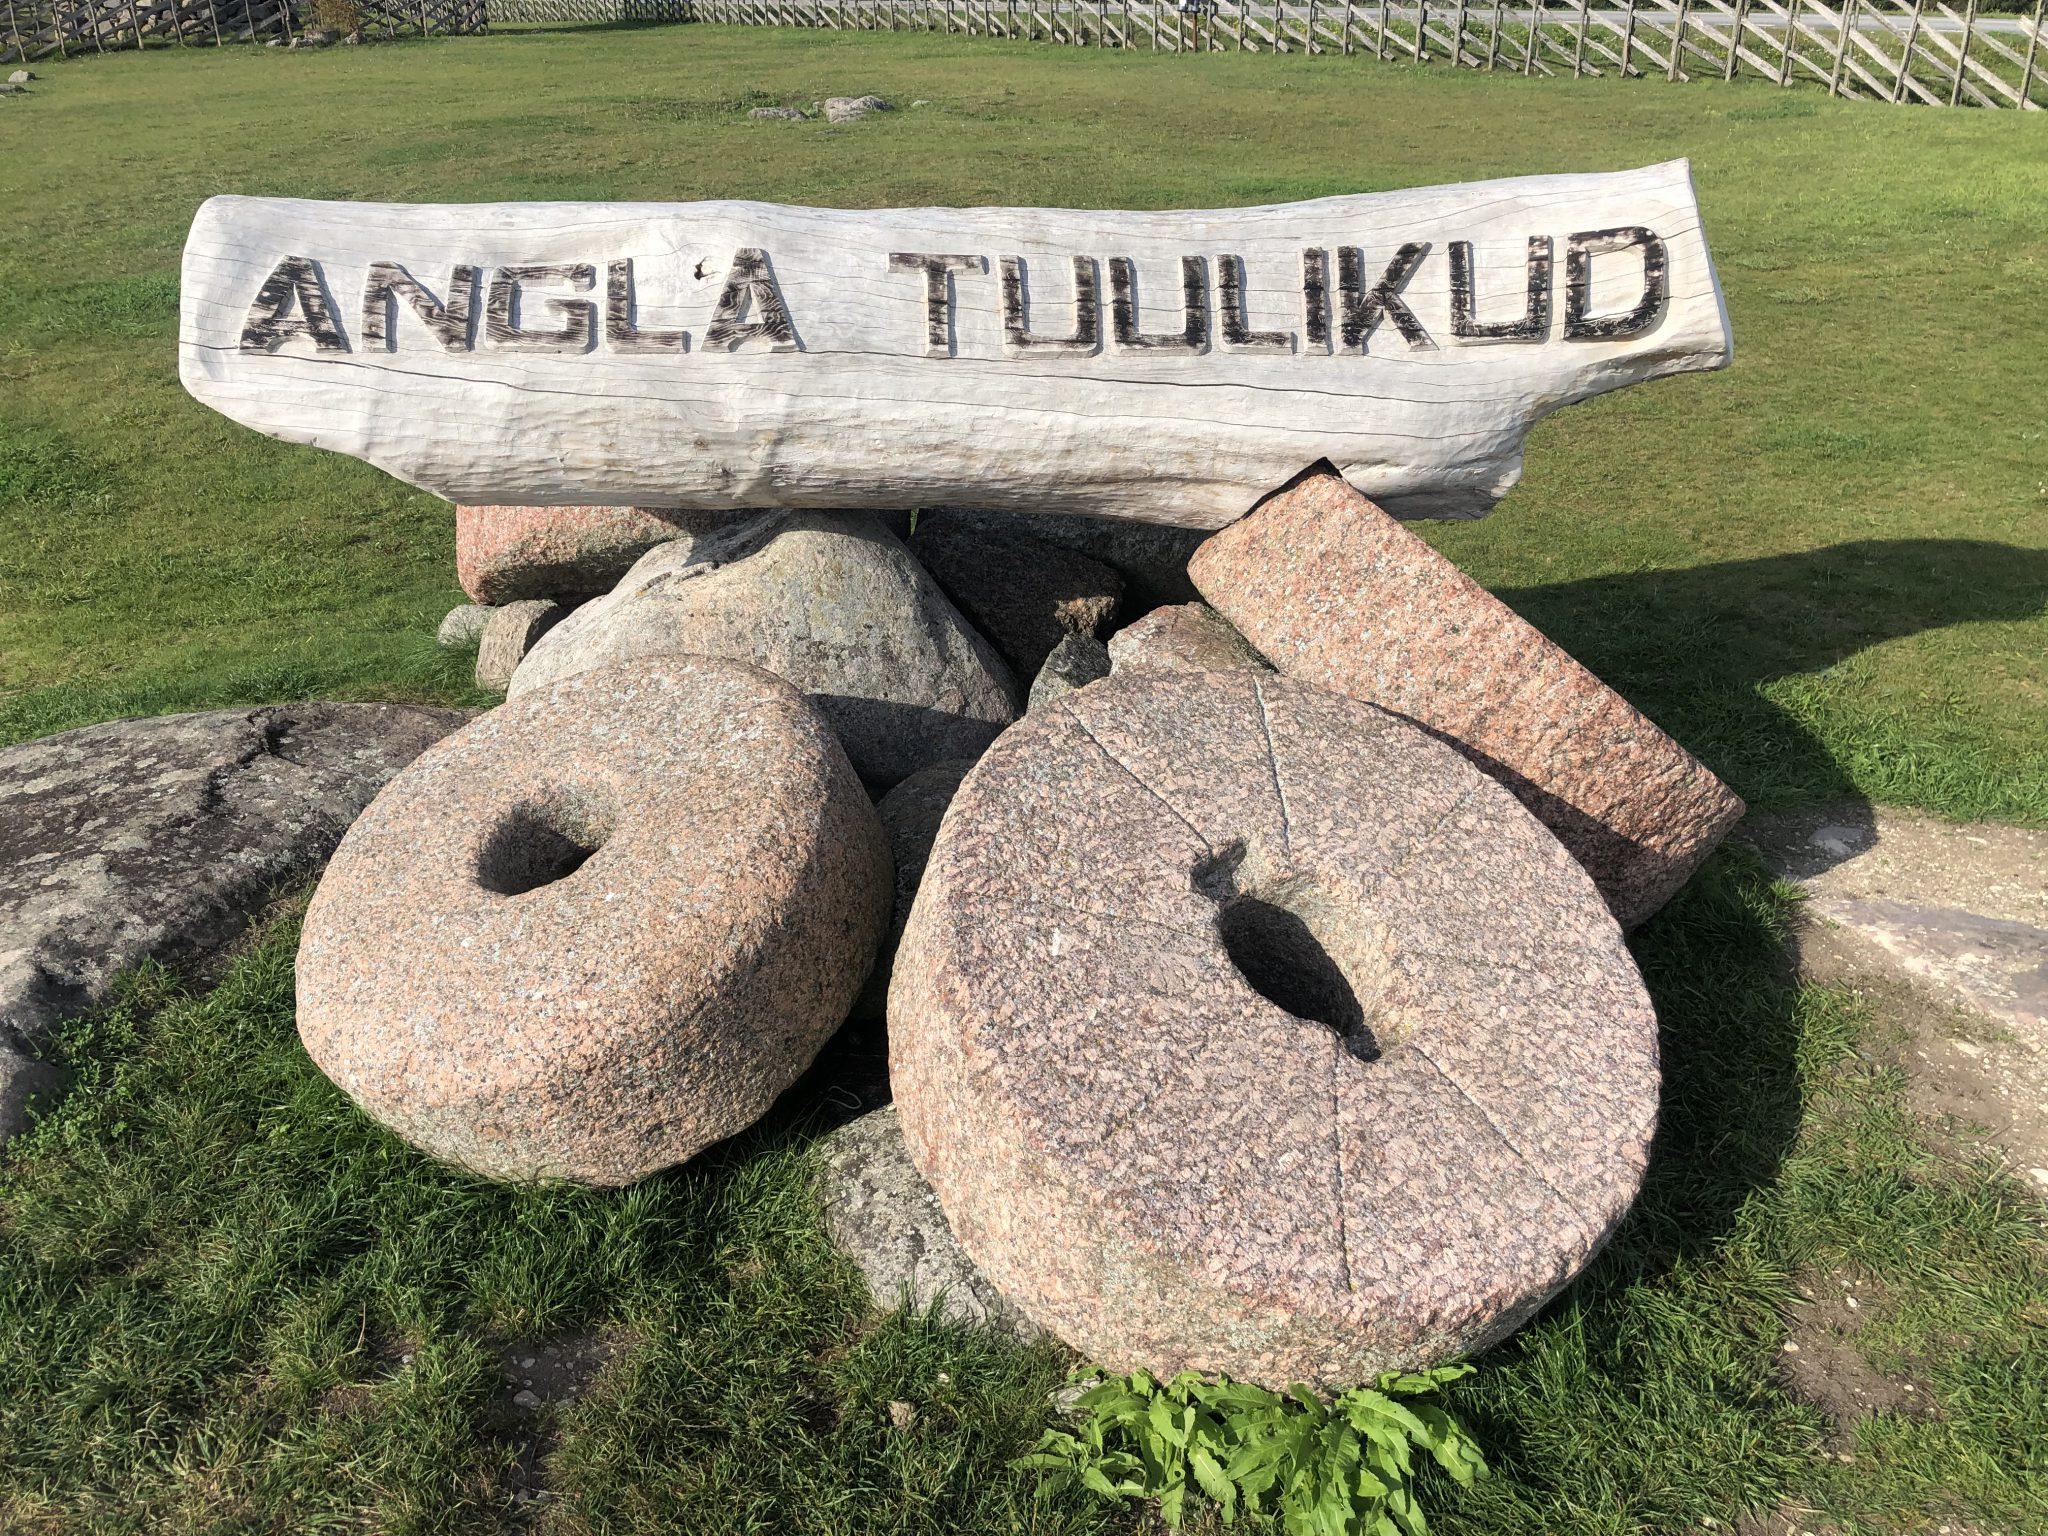 Mühlsteine bei den Windmühlen in Angla Tuulikud